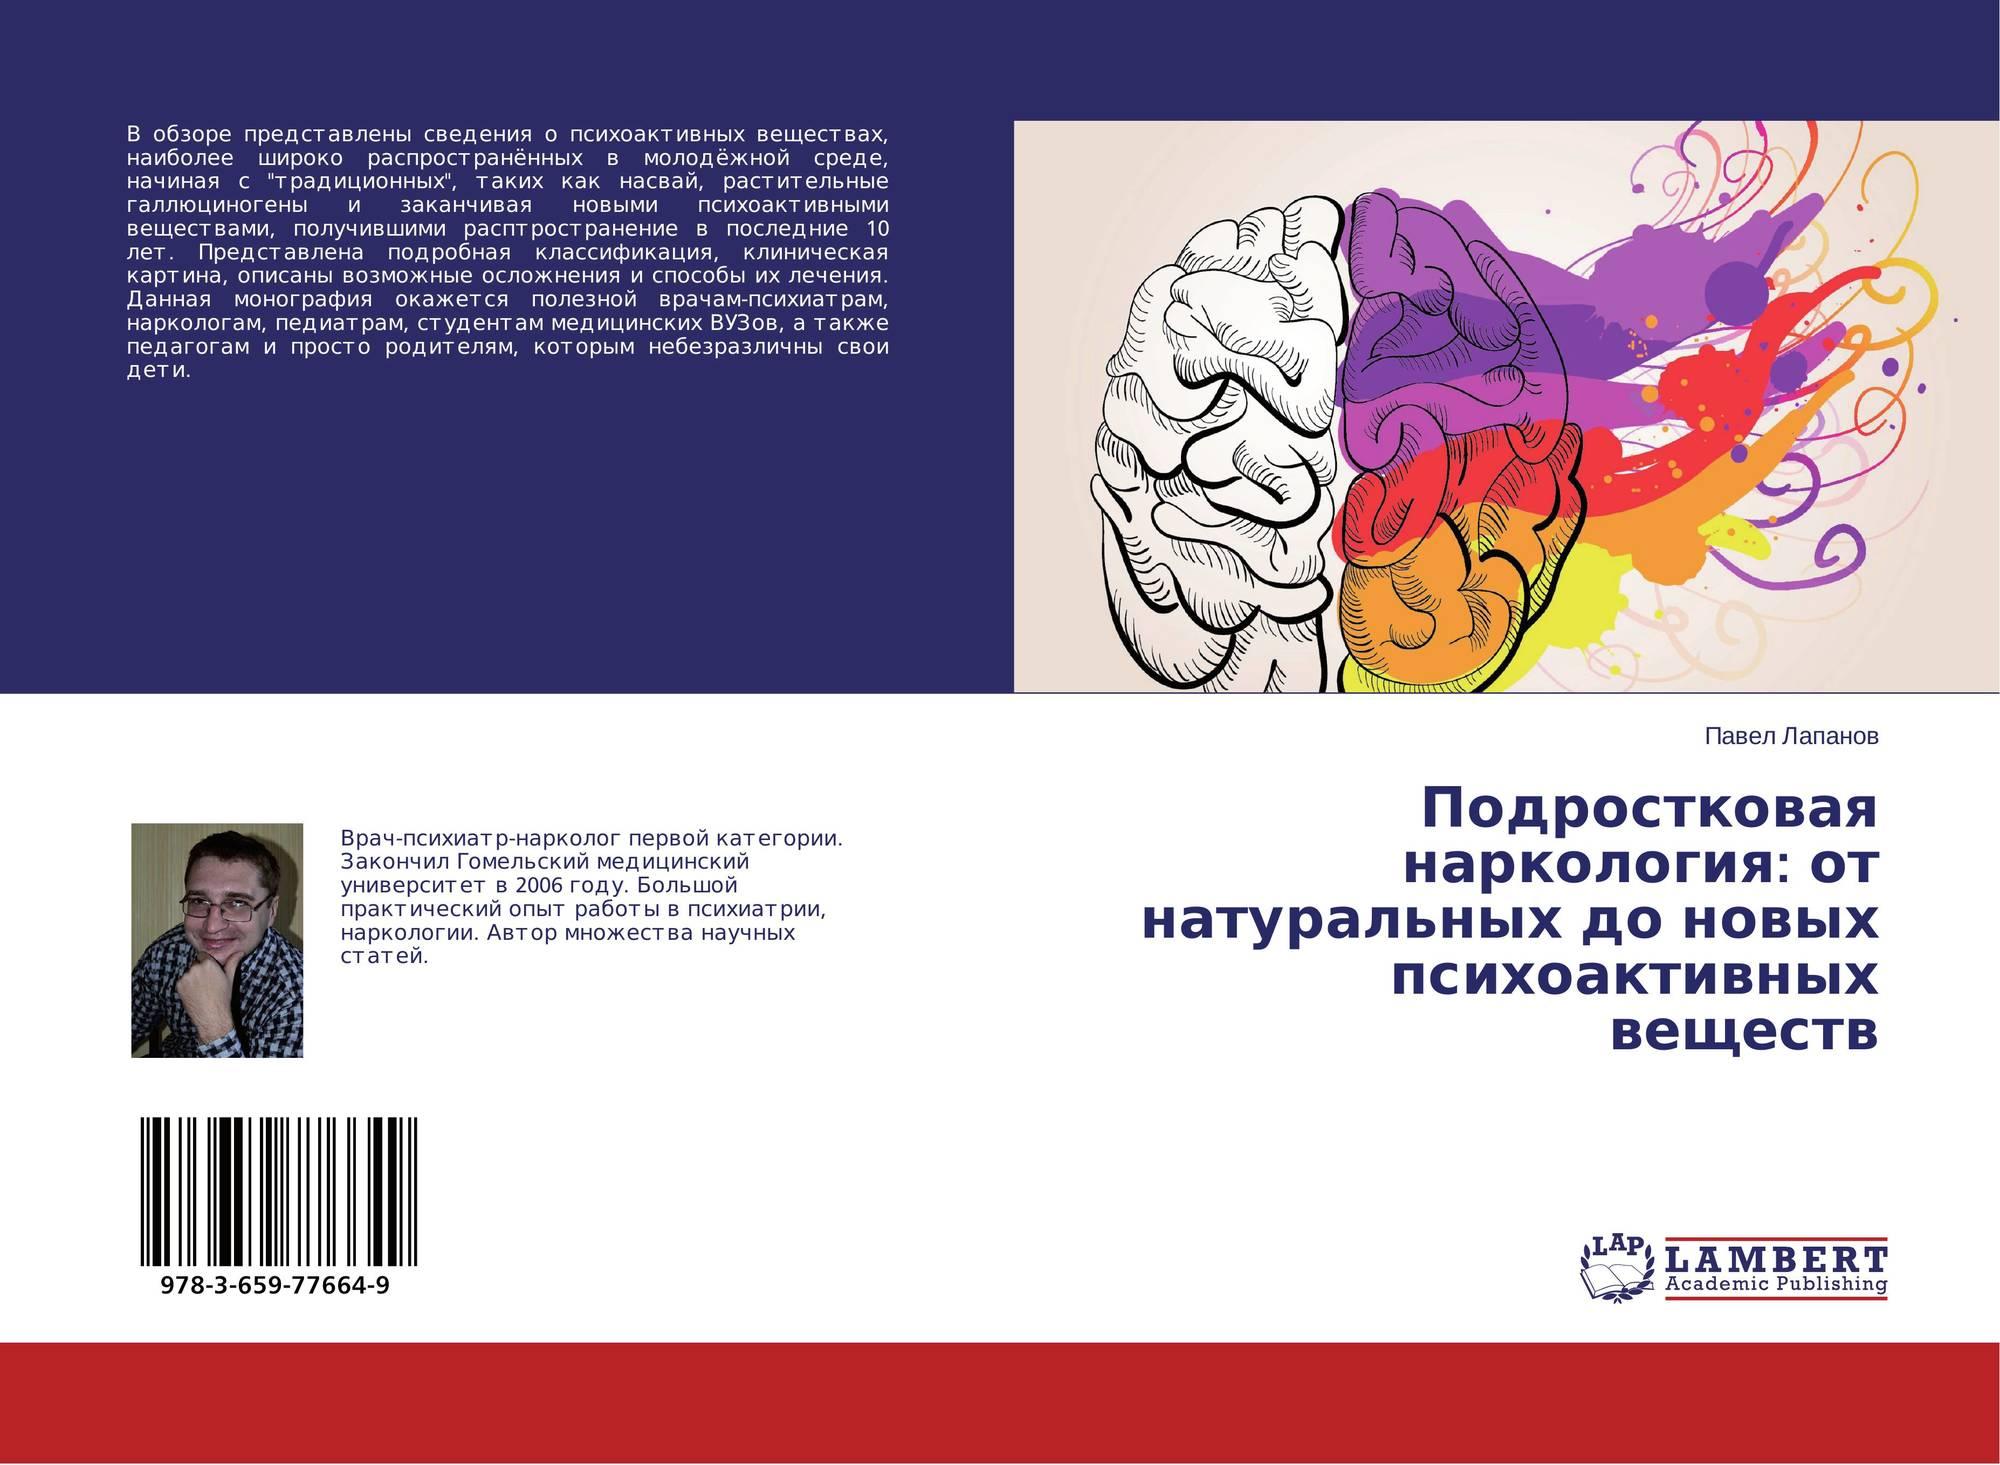 психиатрия и наркология психоактивных веществ